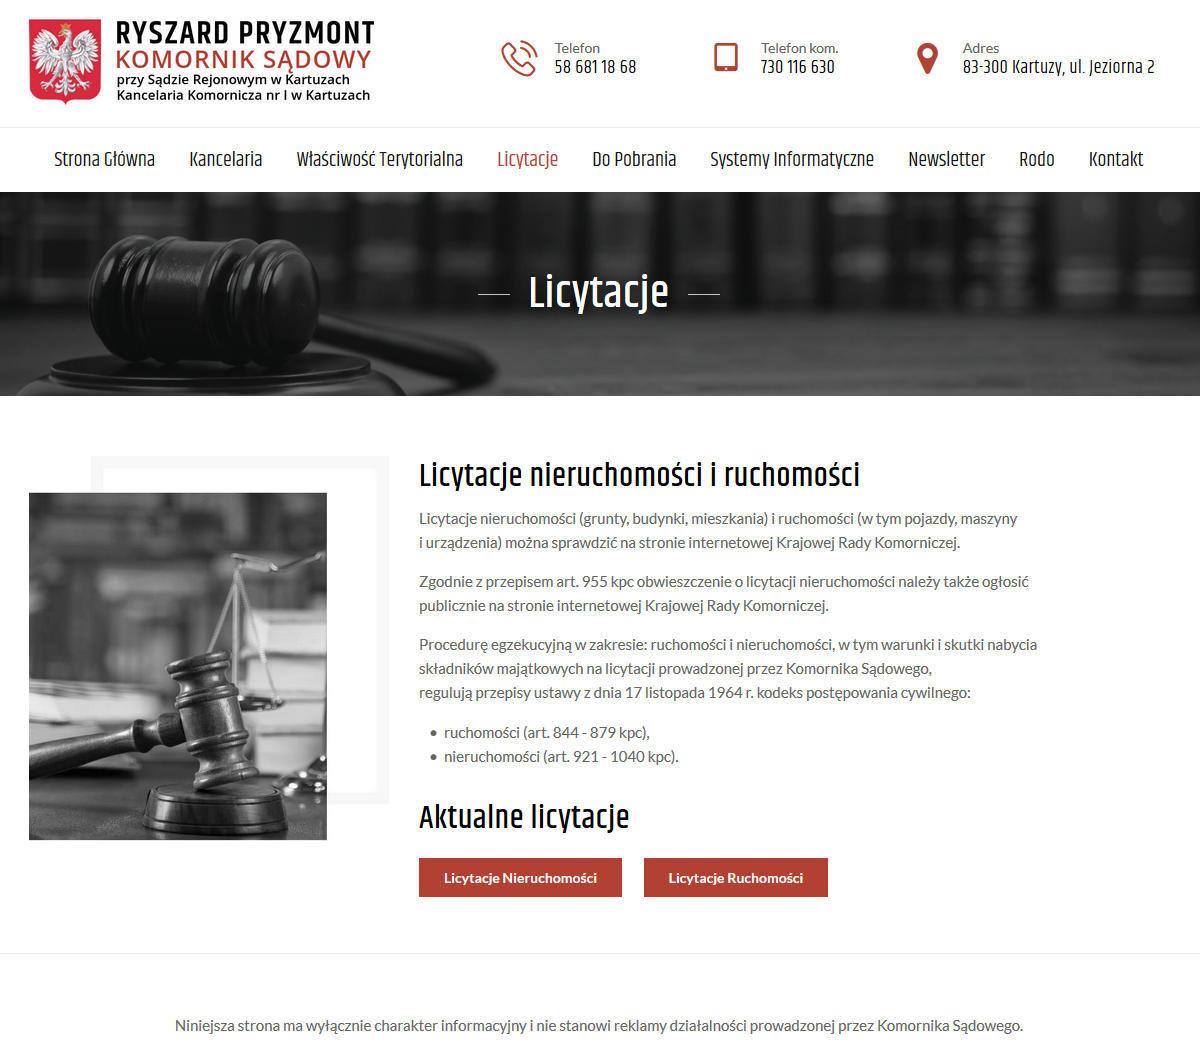 Kartuzy - komornik Ryszard Pryzmont